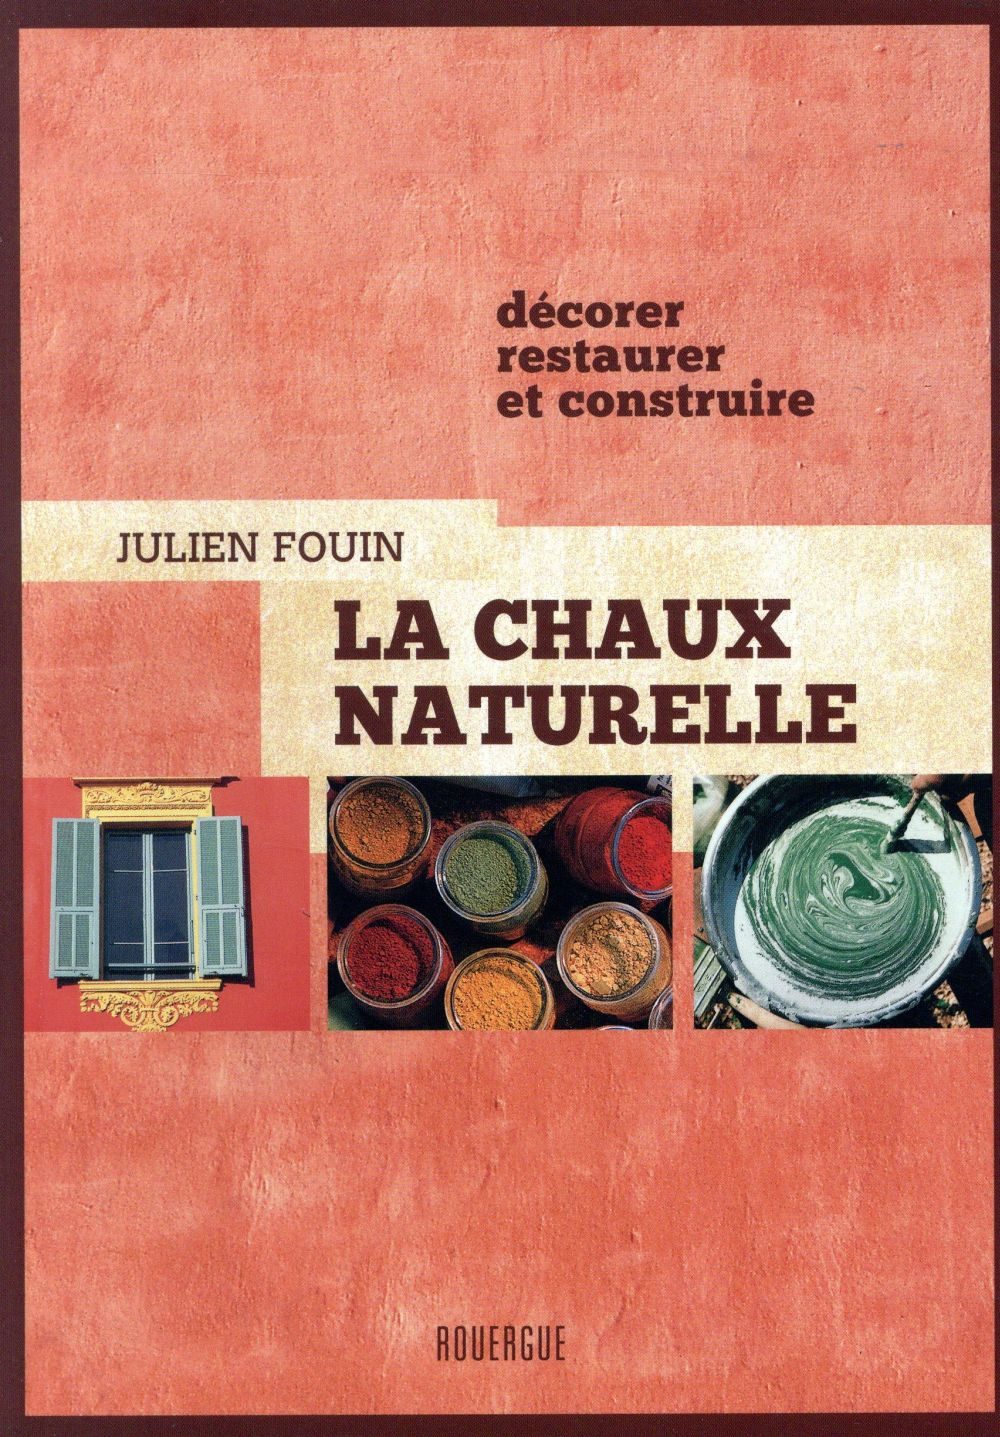 LA CHAUX NATURELLE - DECORER, RESTAURER ET CONSTRUIRE FOUIN ROUERGUE